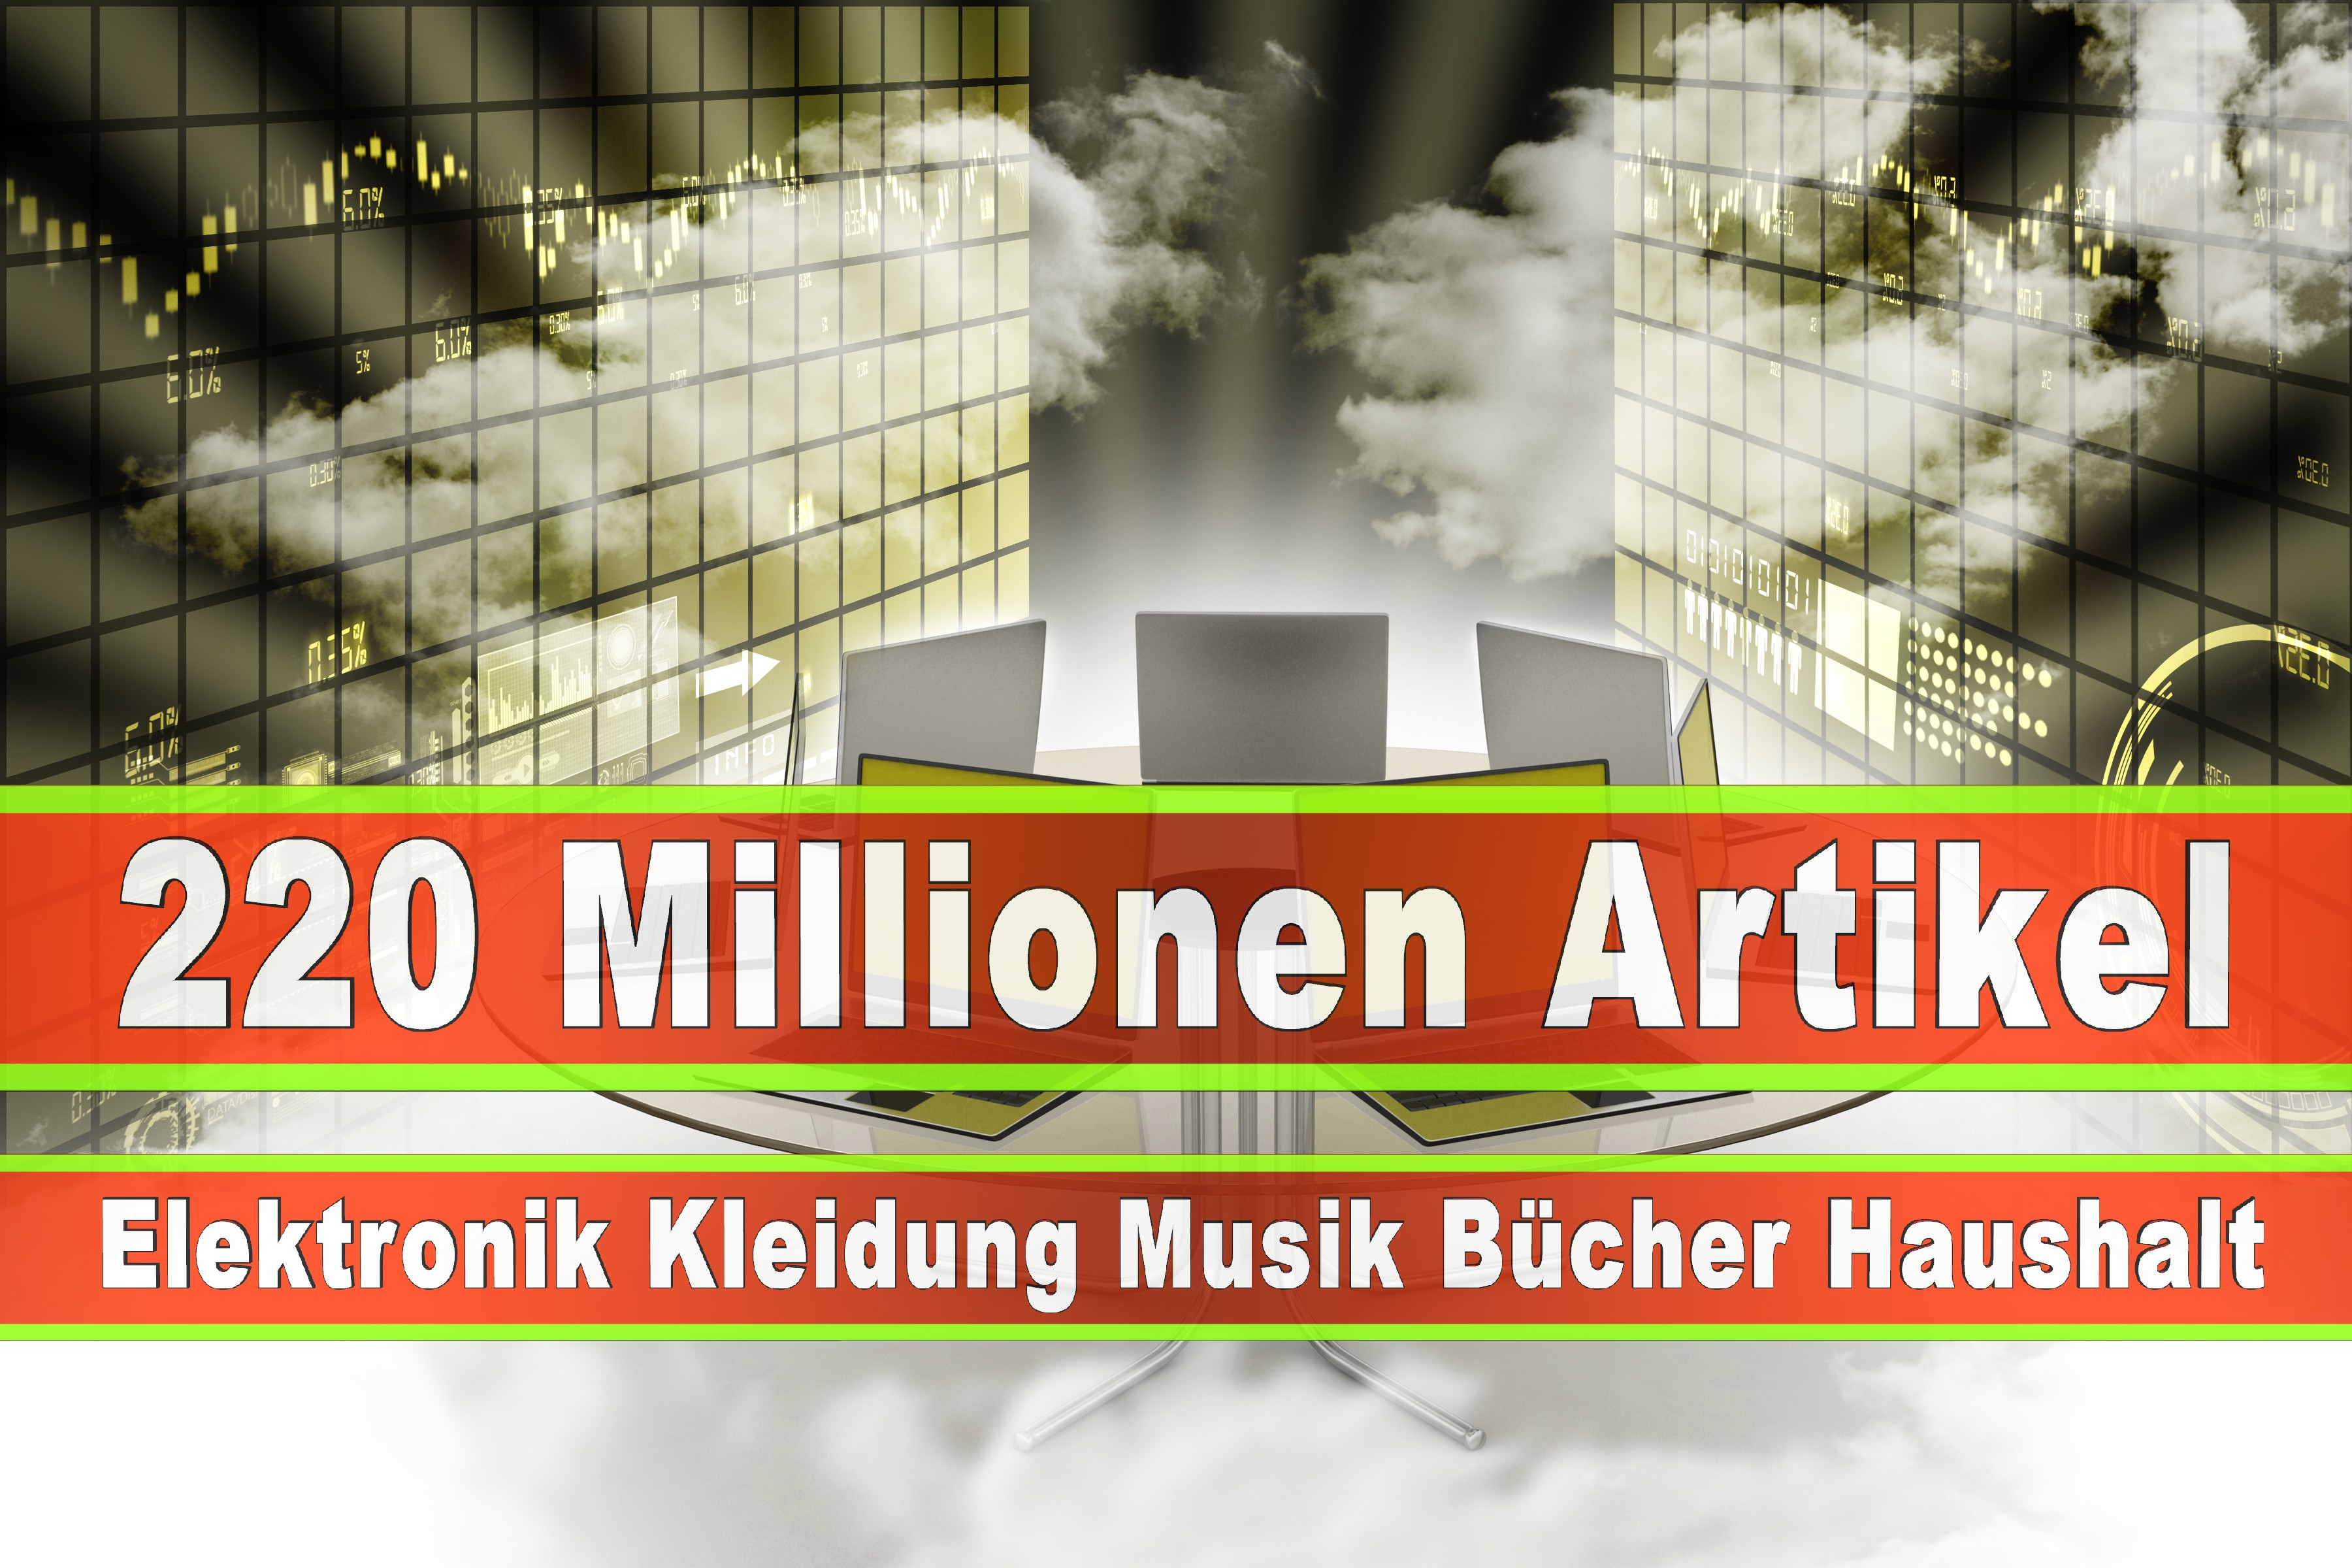 Amazon Elektronik Musik Haushalt Bücher CD DVD Handys Smartphones TV Television Fernseher Kleidung Mode Ebay (64)